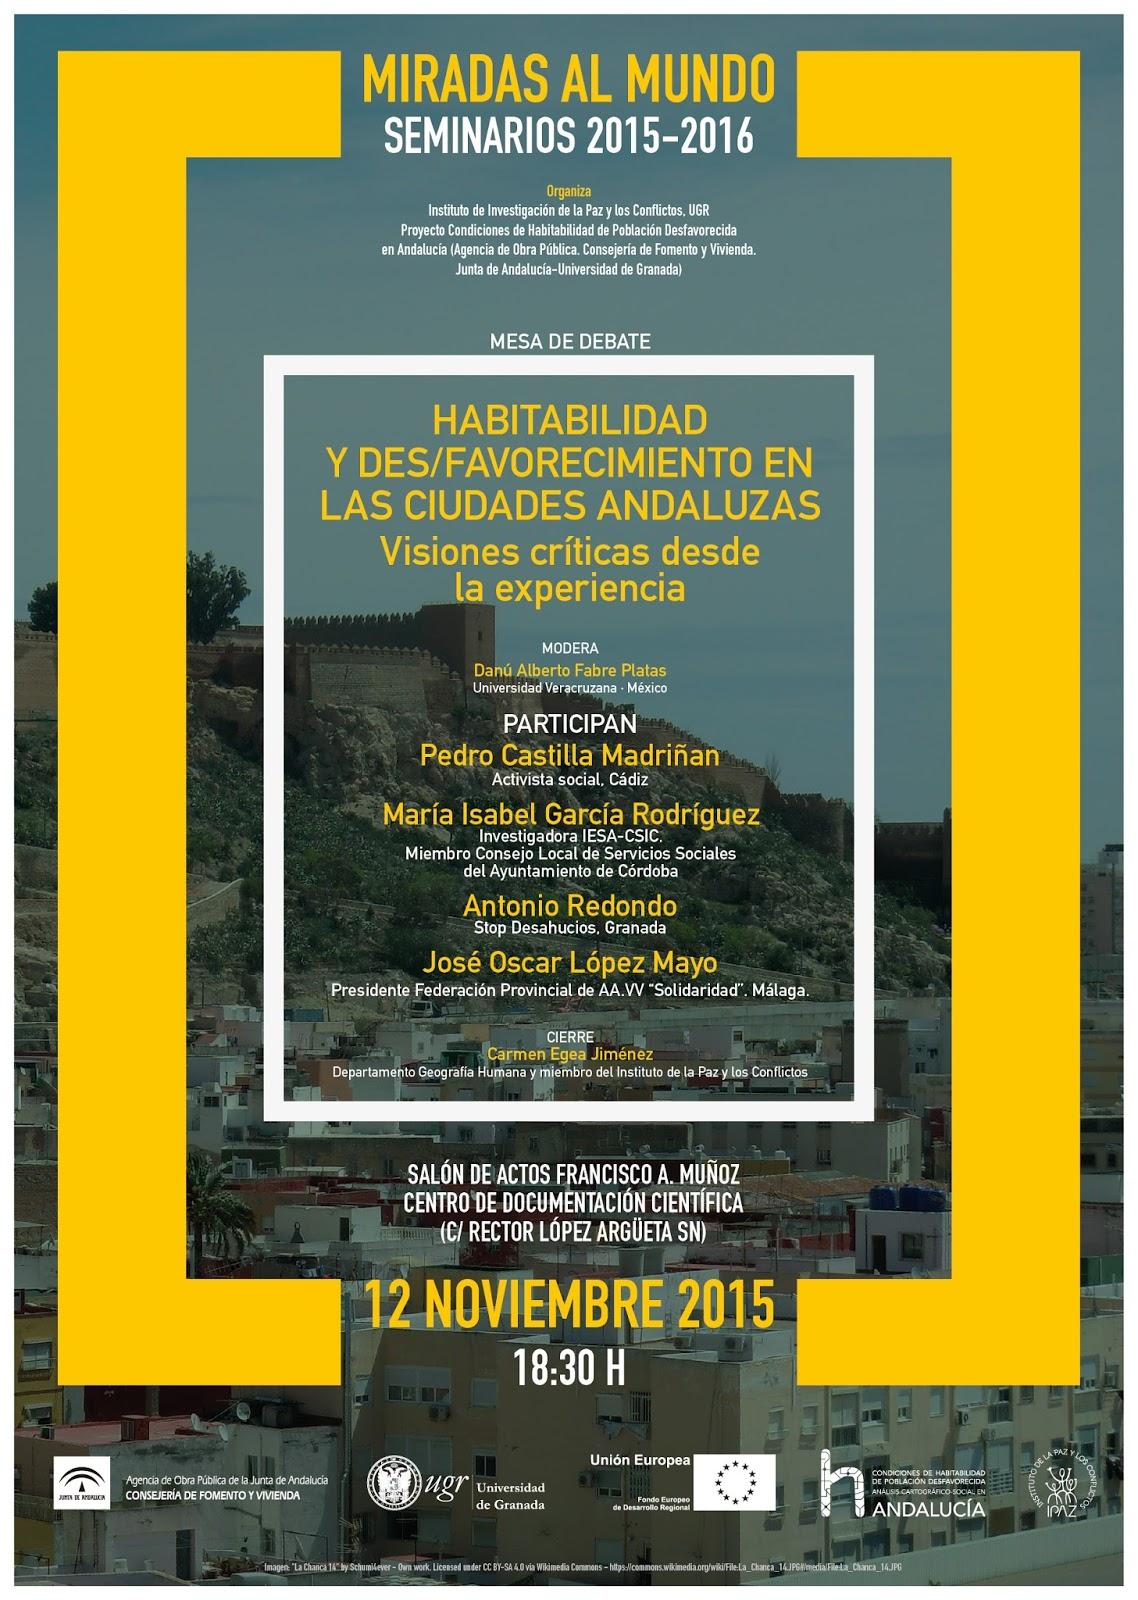 """Seminarios """"Miradas al mundo"""": Habitabilidad y des/favorecimiento en las ciudades andaluzas. Visiones críticas desde la experiencia."""